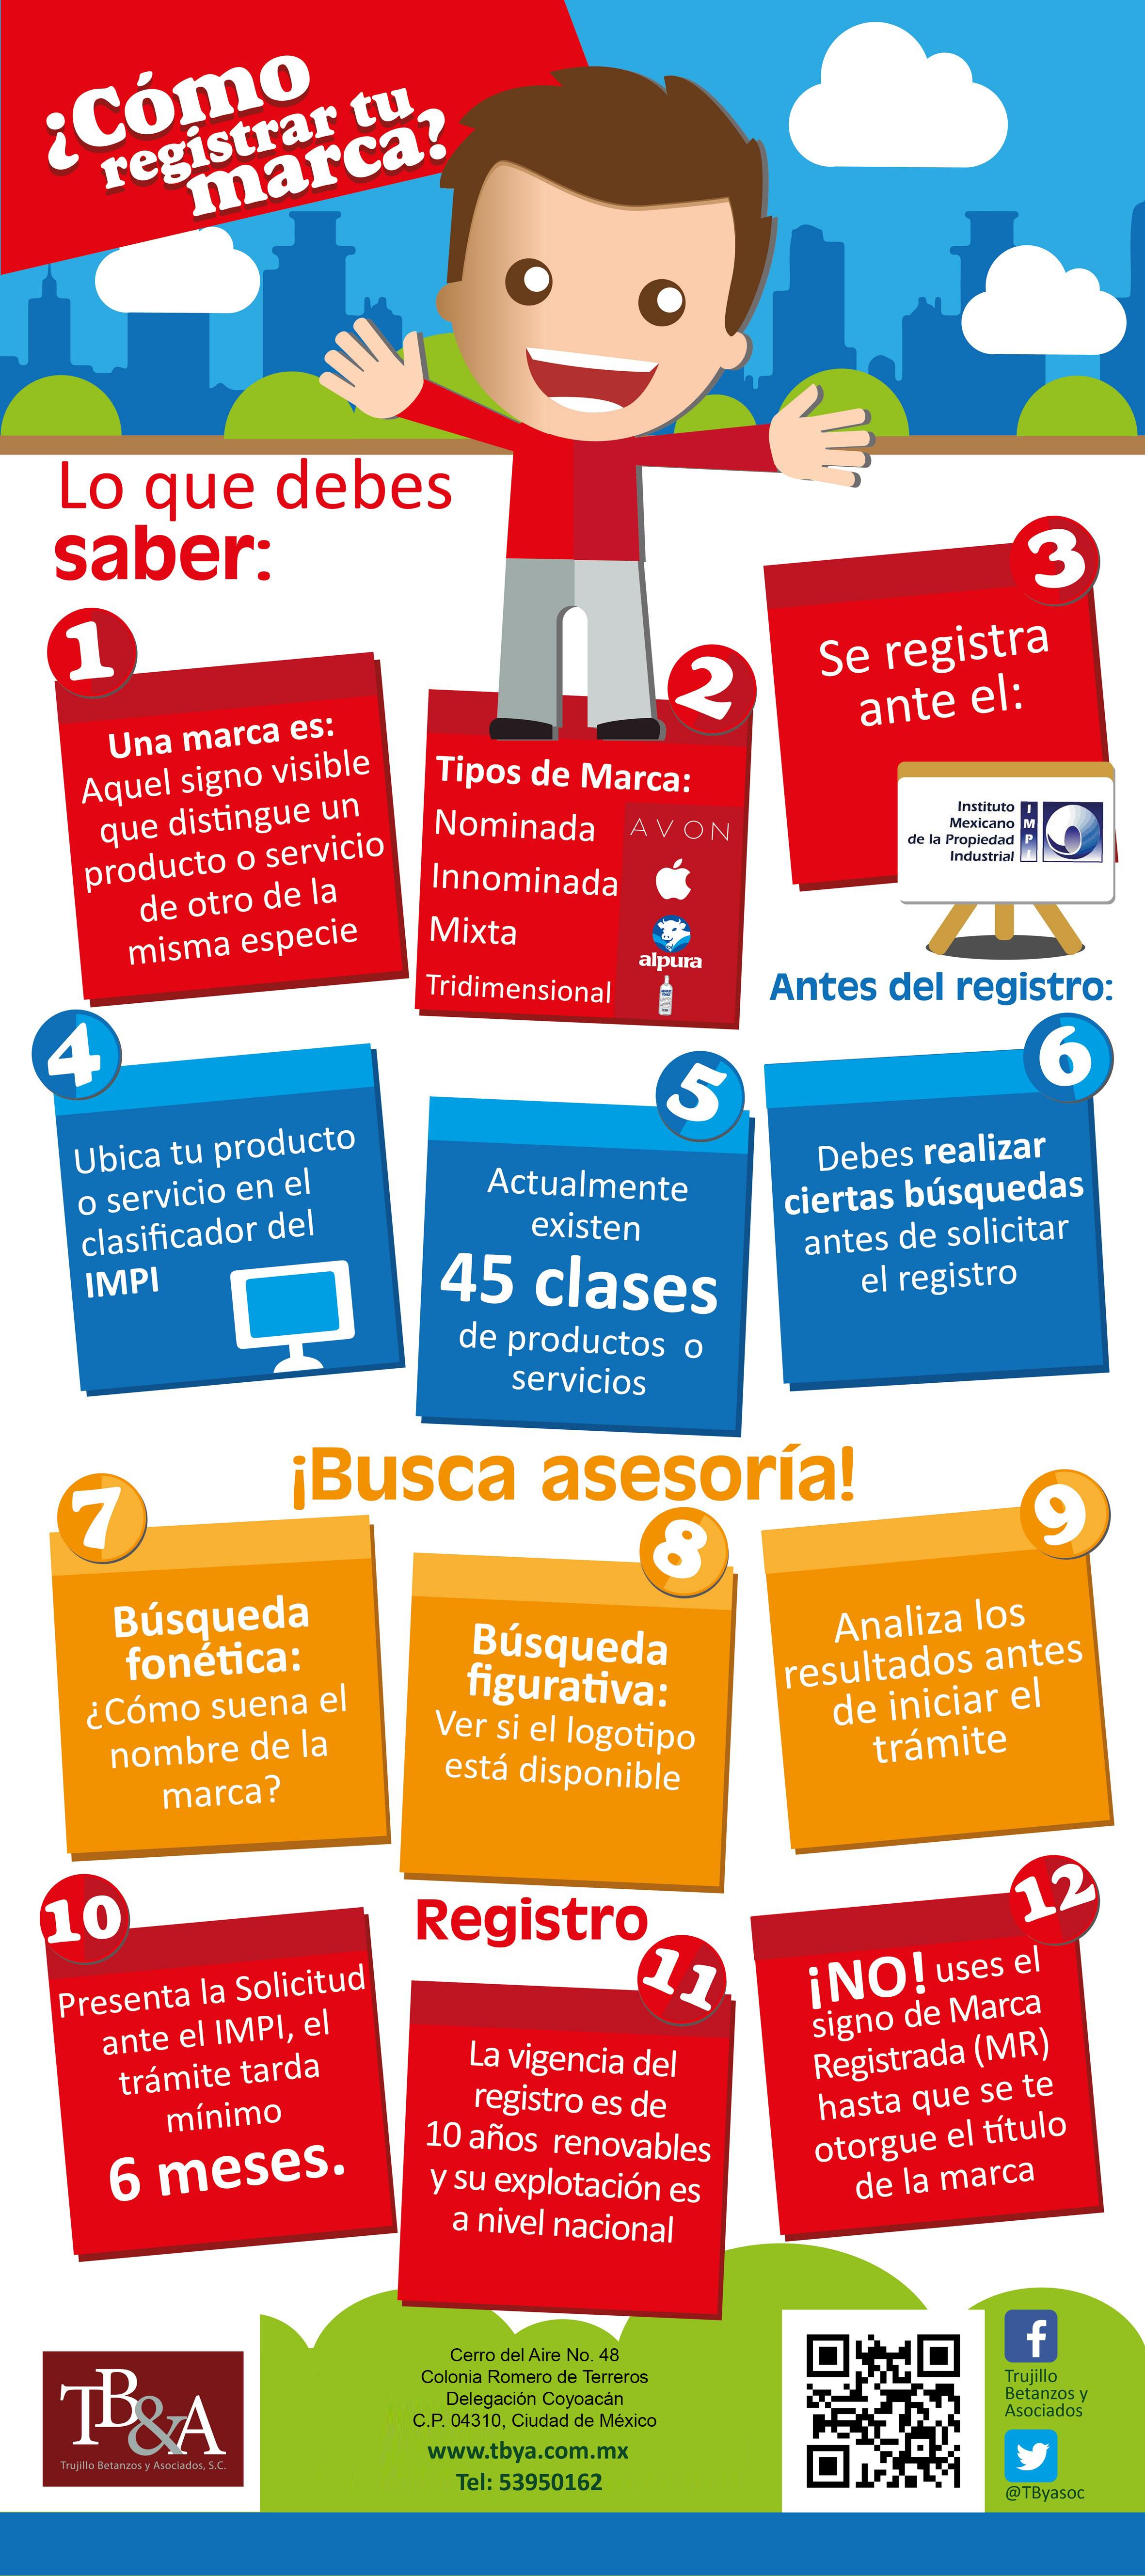 Registro De Marcas Patentar Y Registrar Una Marca Comercial En Chile Registro De Marcas Patentar